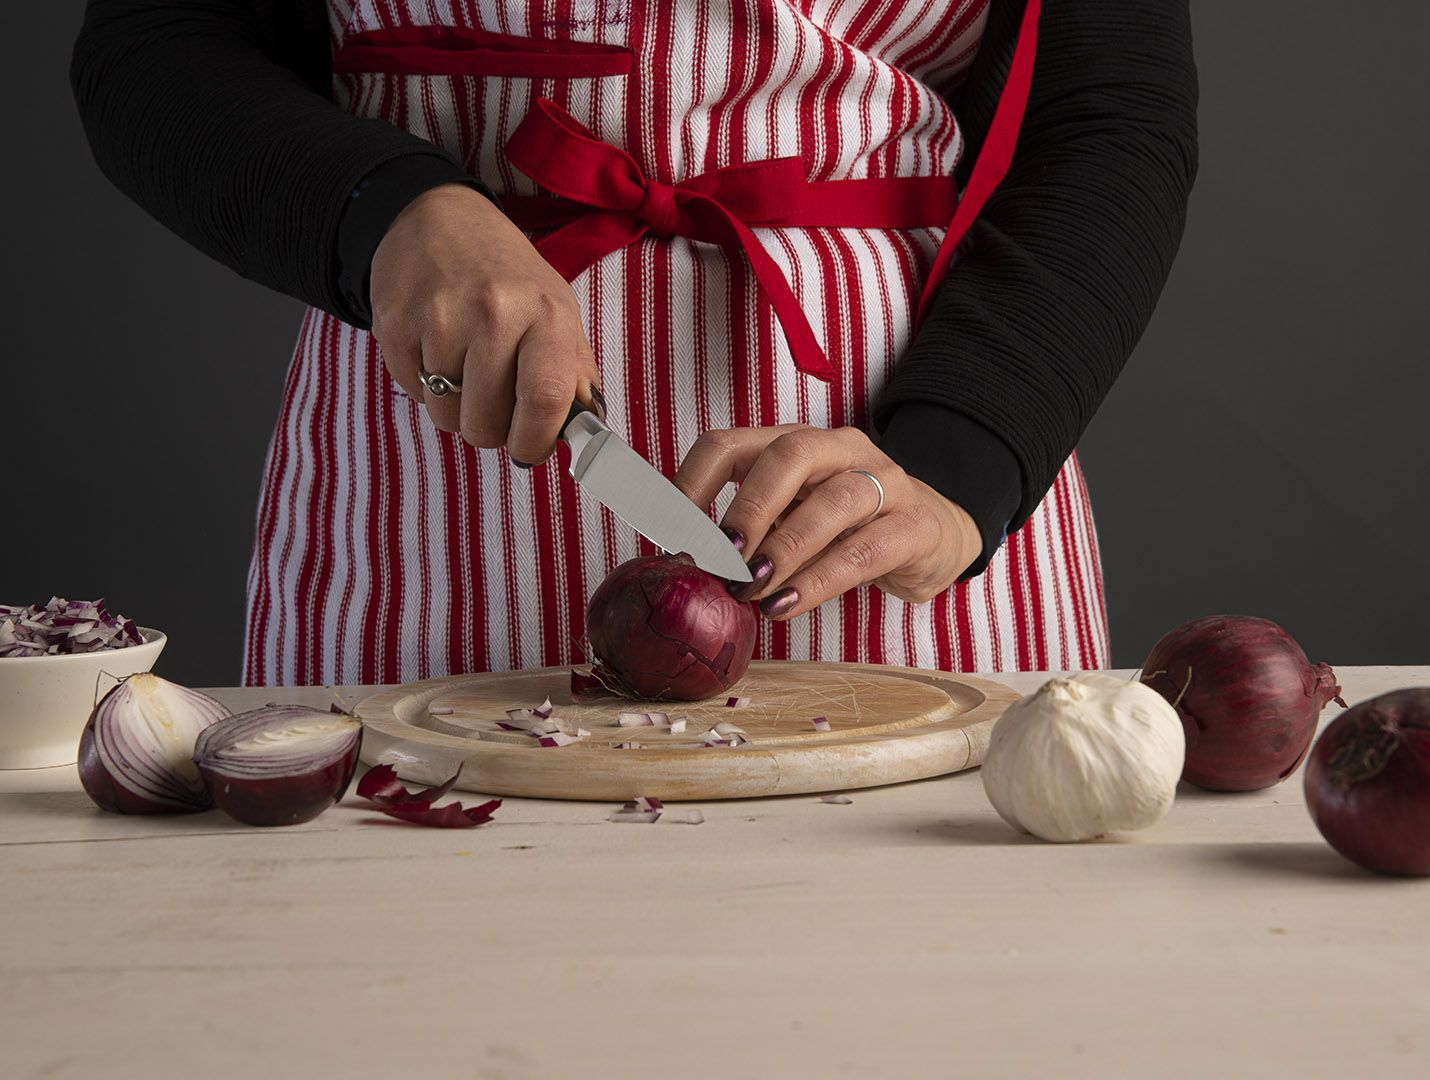 Wassen, slijpen en opbergen: Zo onderhoudt u uw keukenmessen